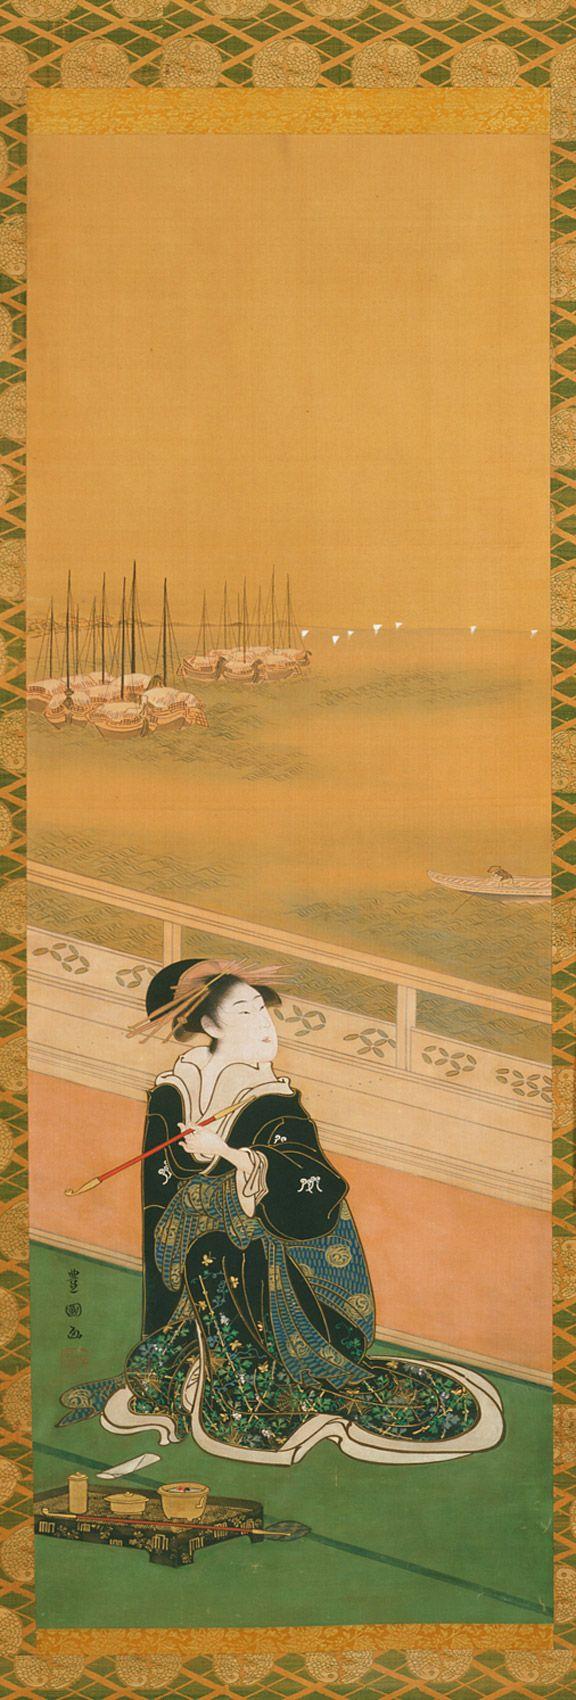 UTAGAWA TOYOKUNI Courtesan smoking a tobacco pipe on a veranda overlooking Shinagawa River